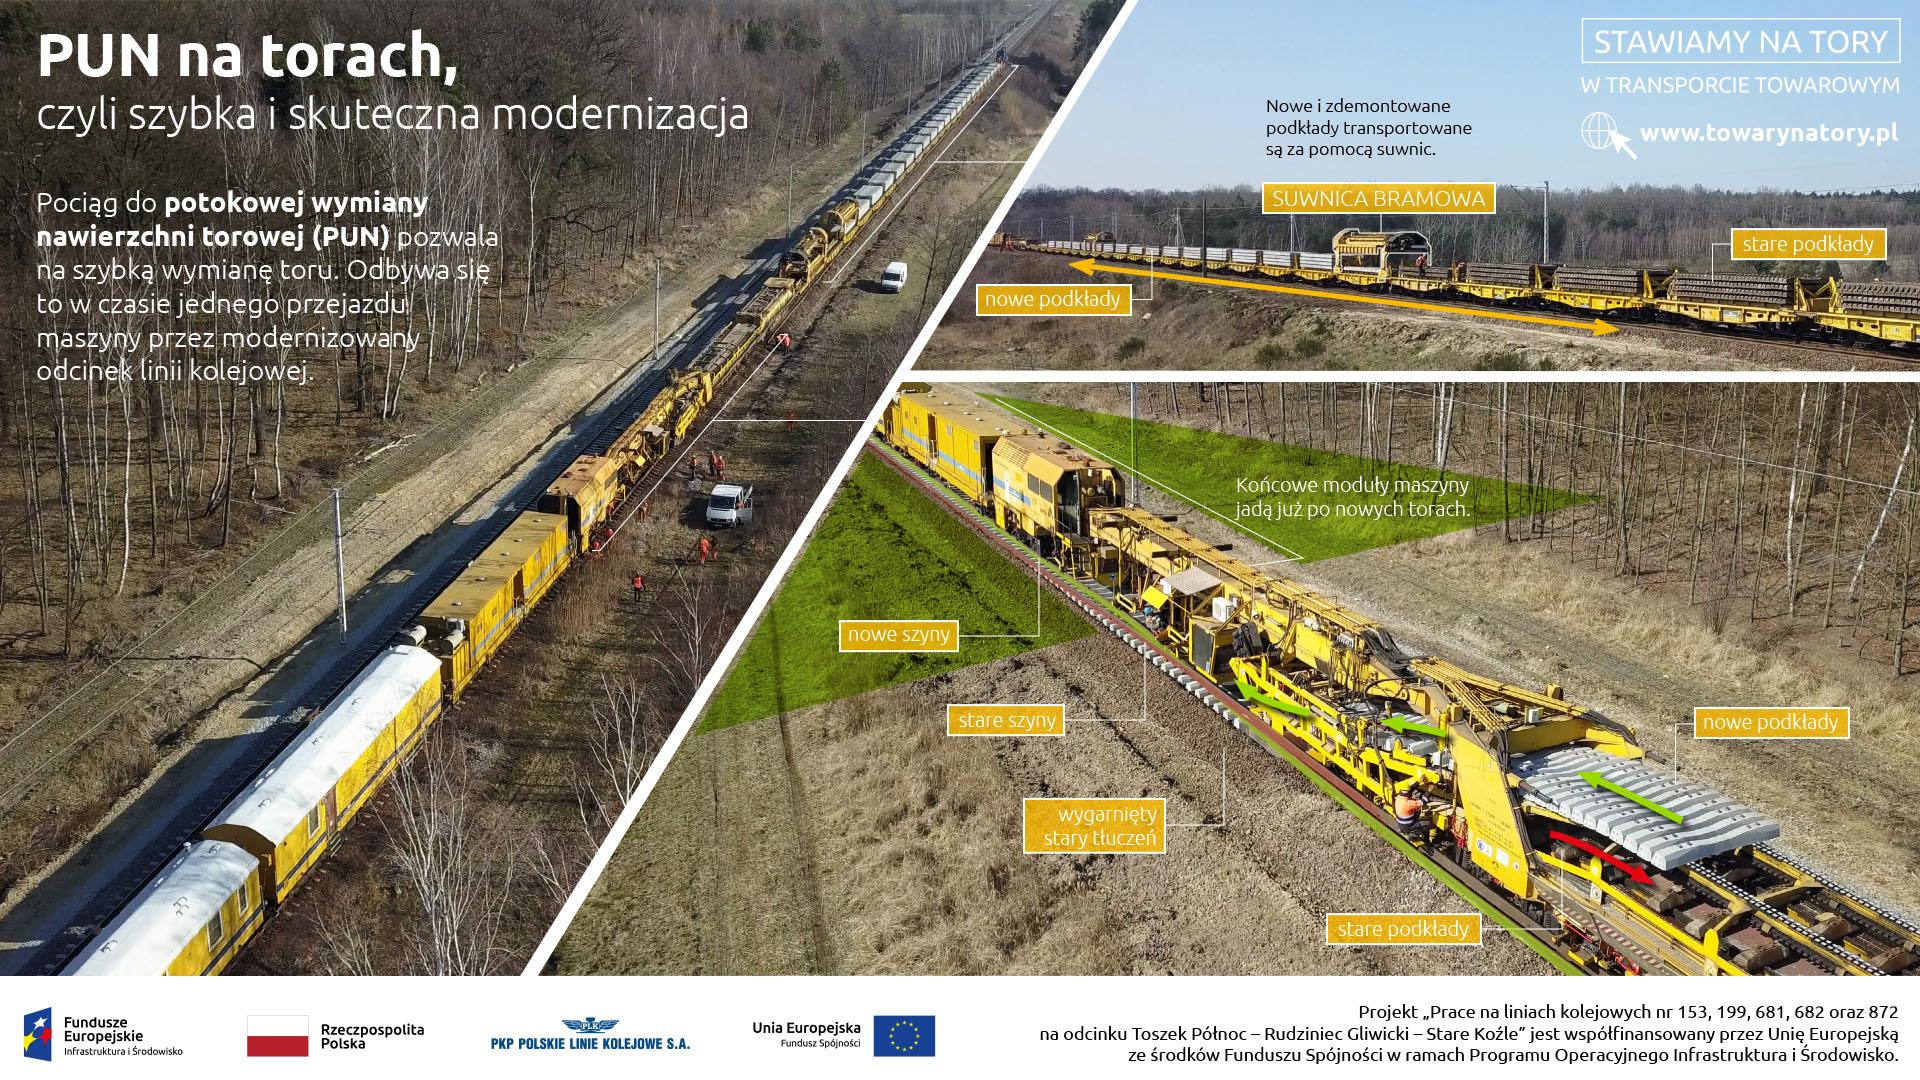 Infografika pokazuje pociąg do potokowej wymiany nawierzchni torowej (PUN).